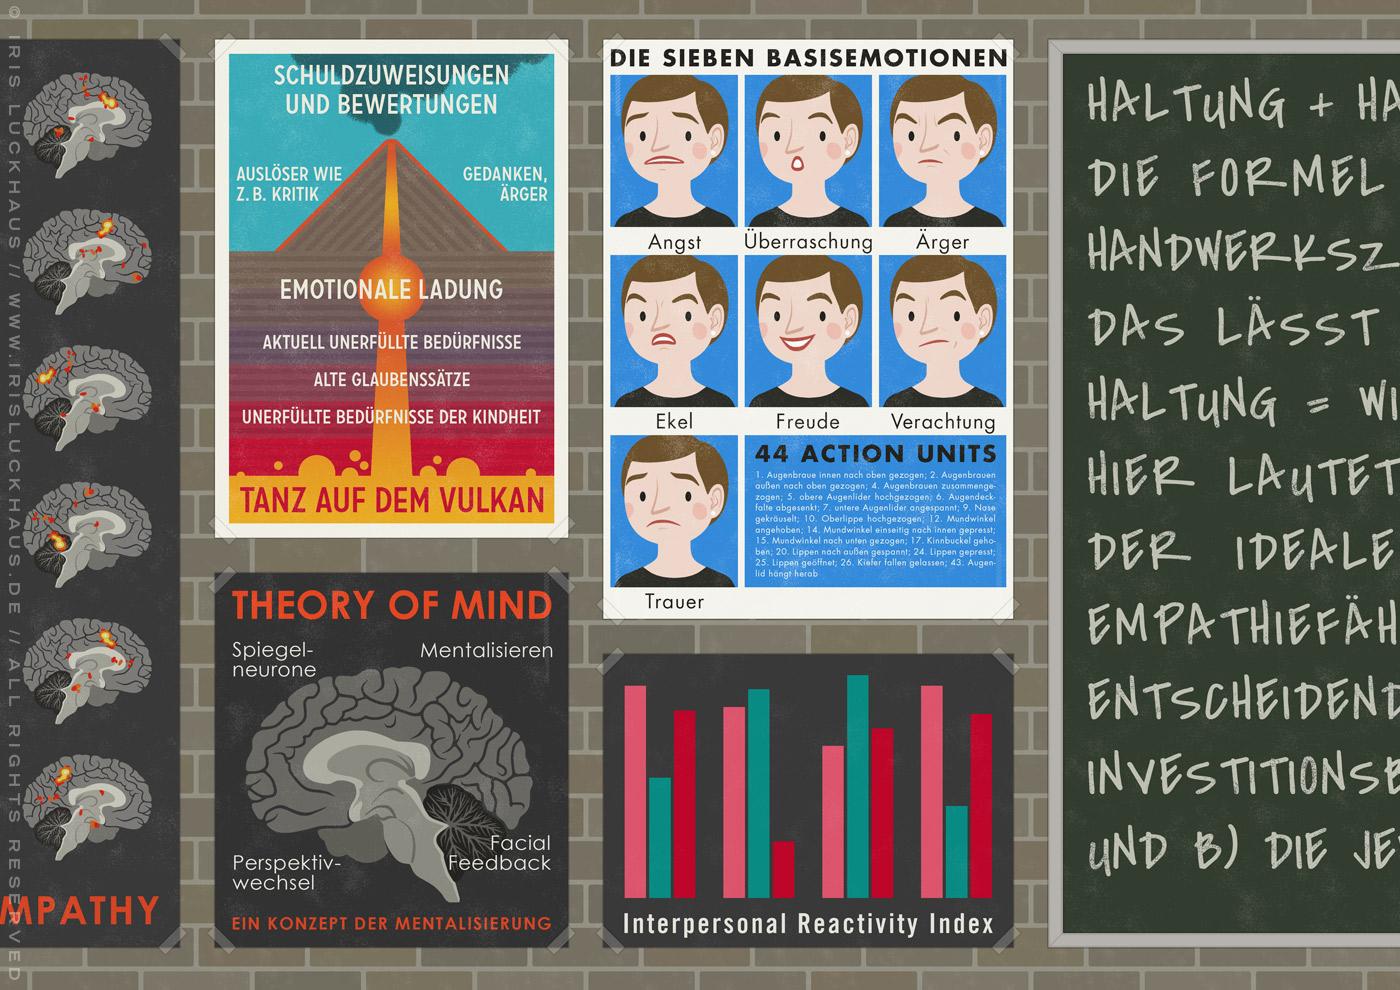 Ausschnitt mit Tanz auf dem Vulkan, Theory of Mind, Basisemotionen im Empathie-Labor für EmpaTrain